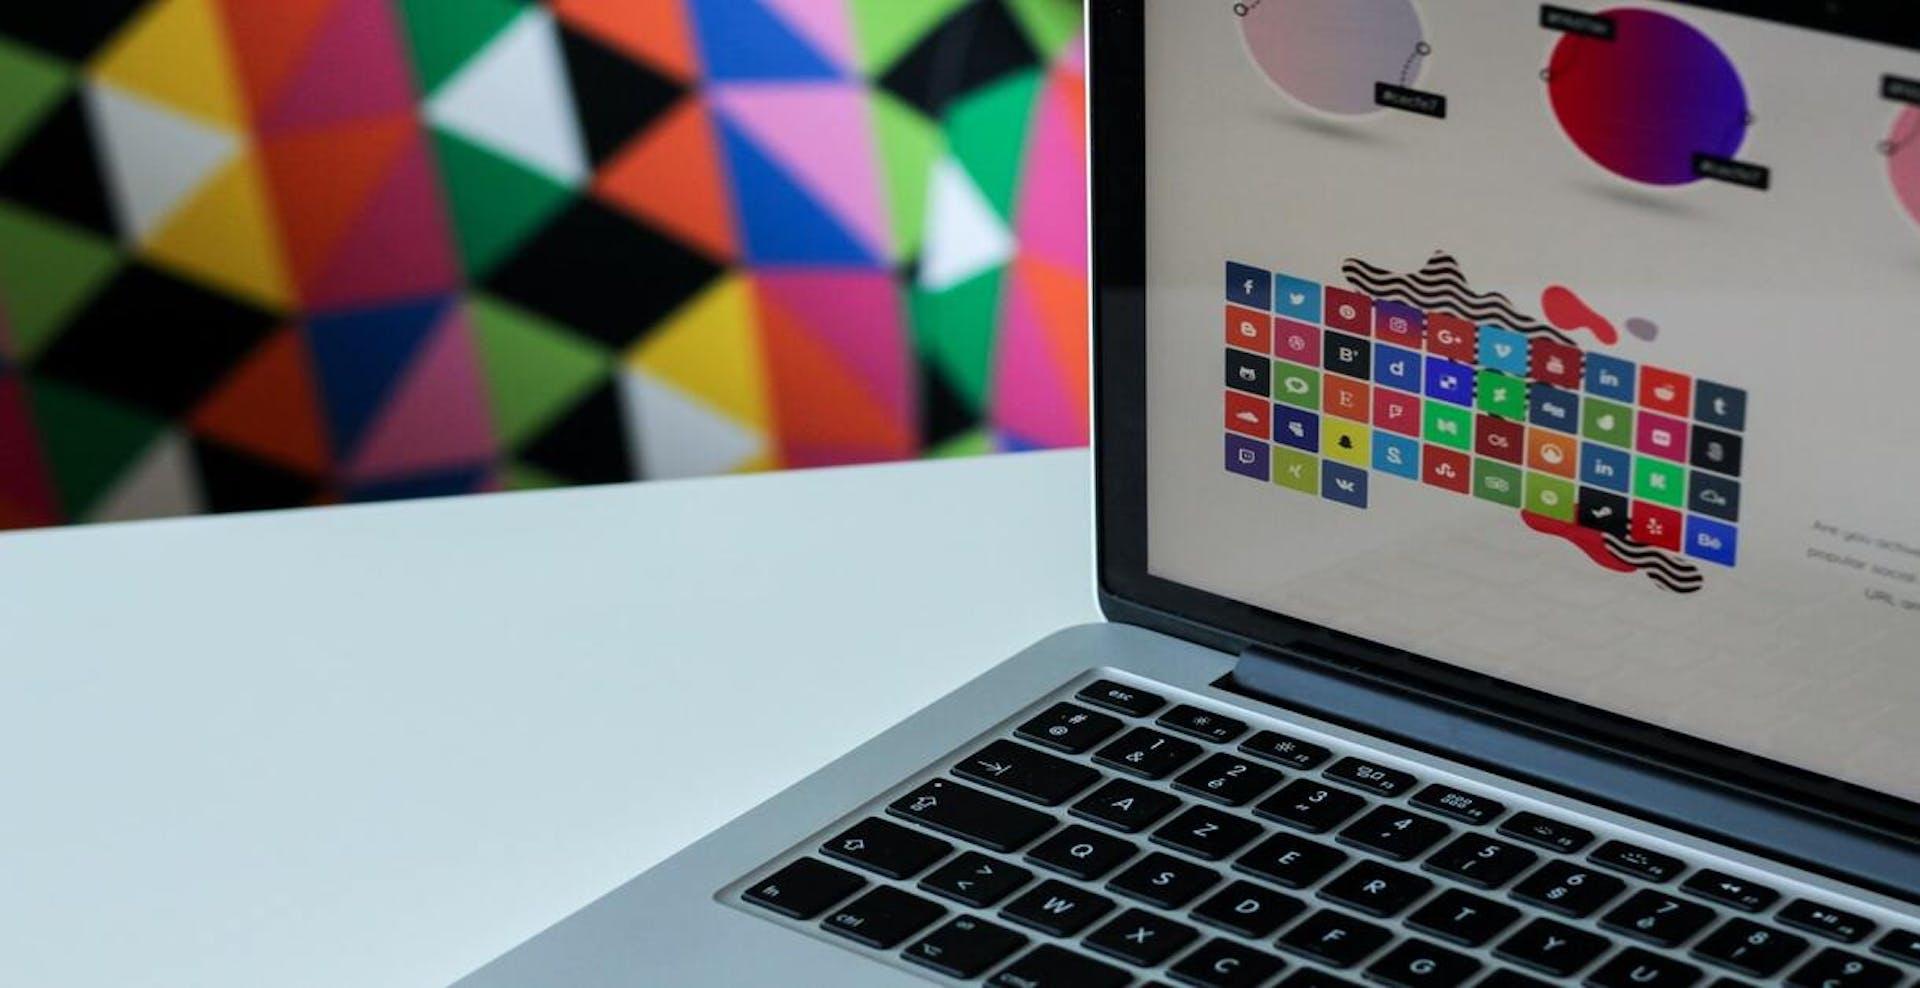 Estas apps y programas de diseño te ayudarán a dominar el mundo digital en el 2022